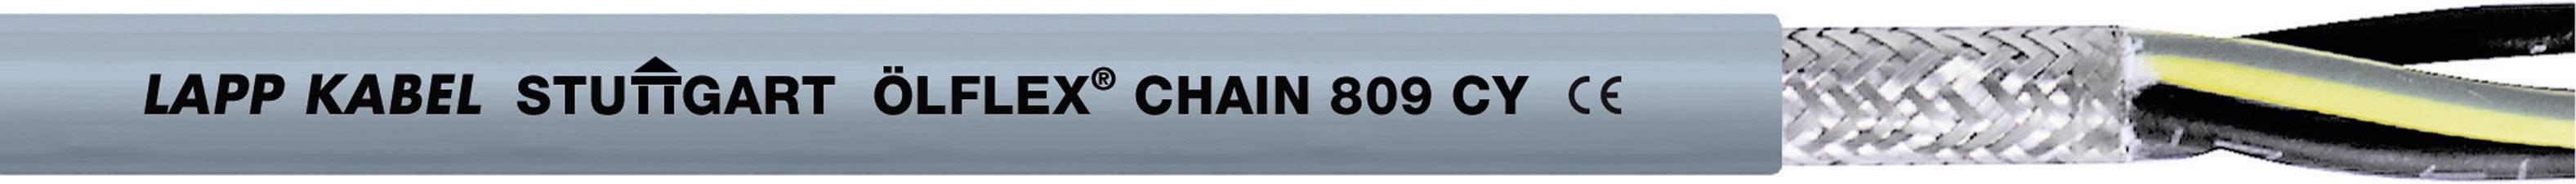 Žíla kabelu LappKabel ÖLFLEX CHAIN 809 CY 3G1,5 (1026776), 3x 1,5 mm², PVC, Ø 7,5 mm, stíněný, 50 m, šedá